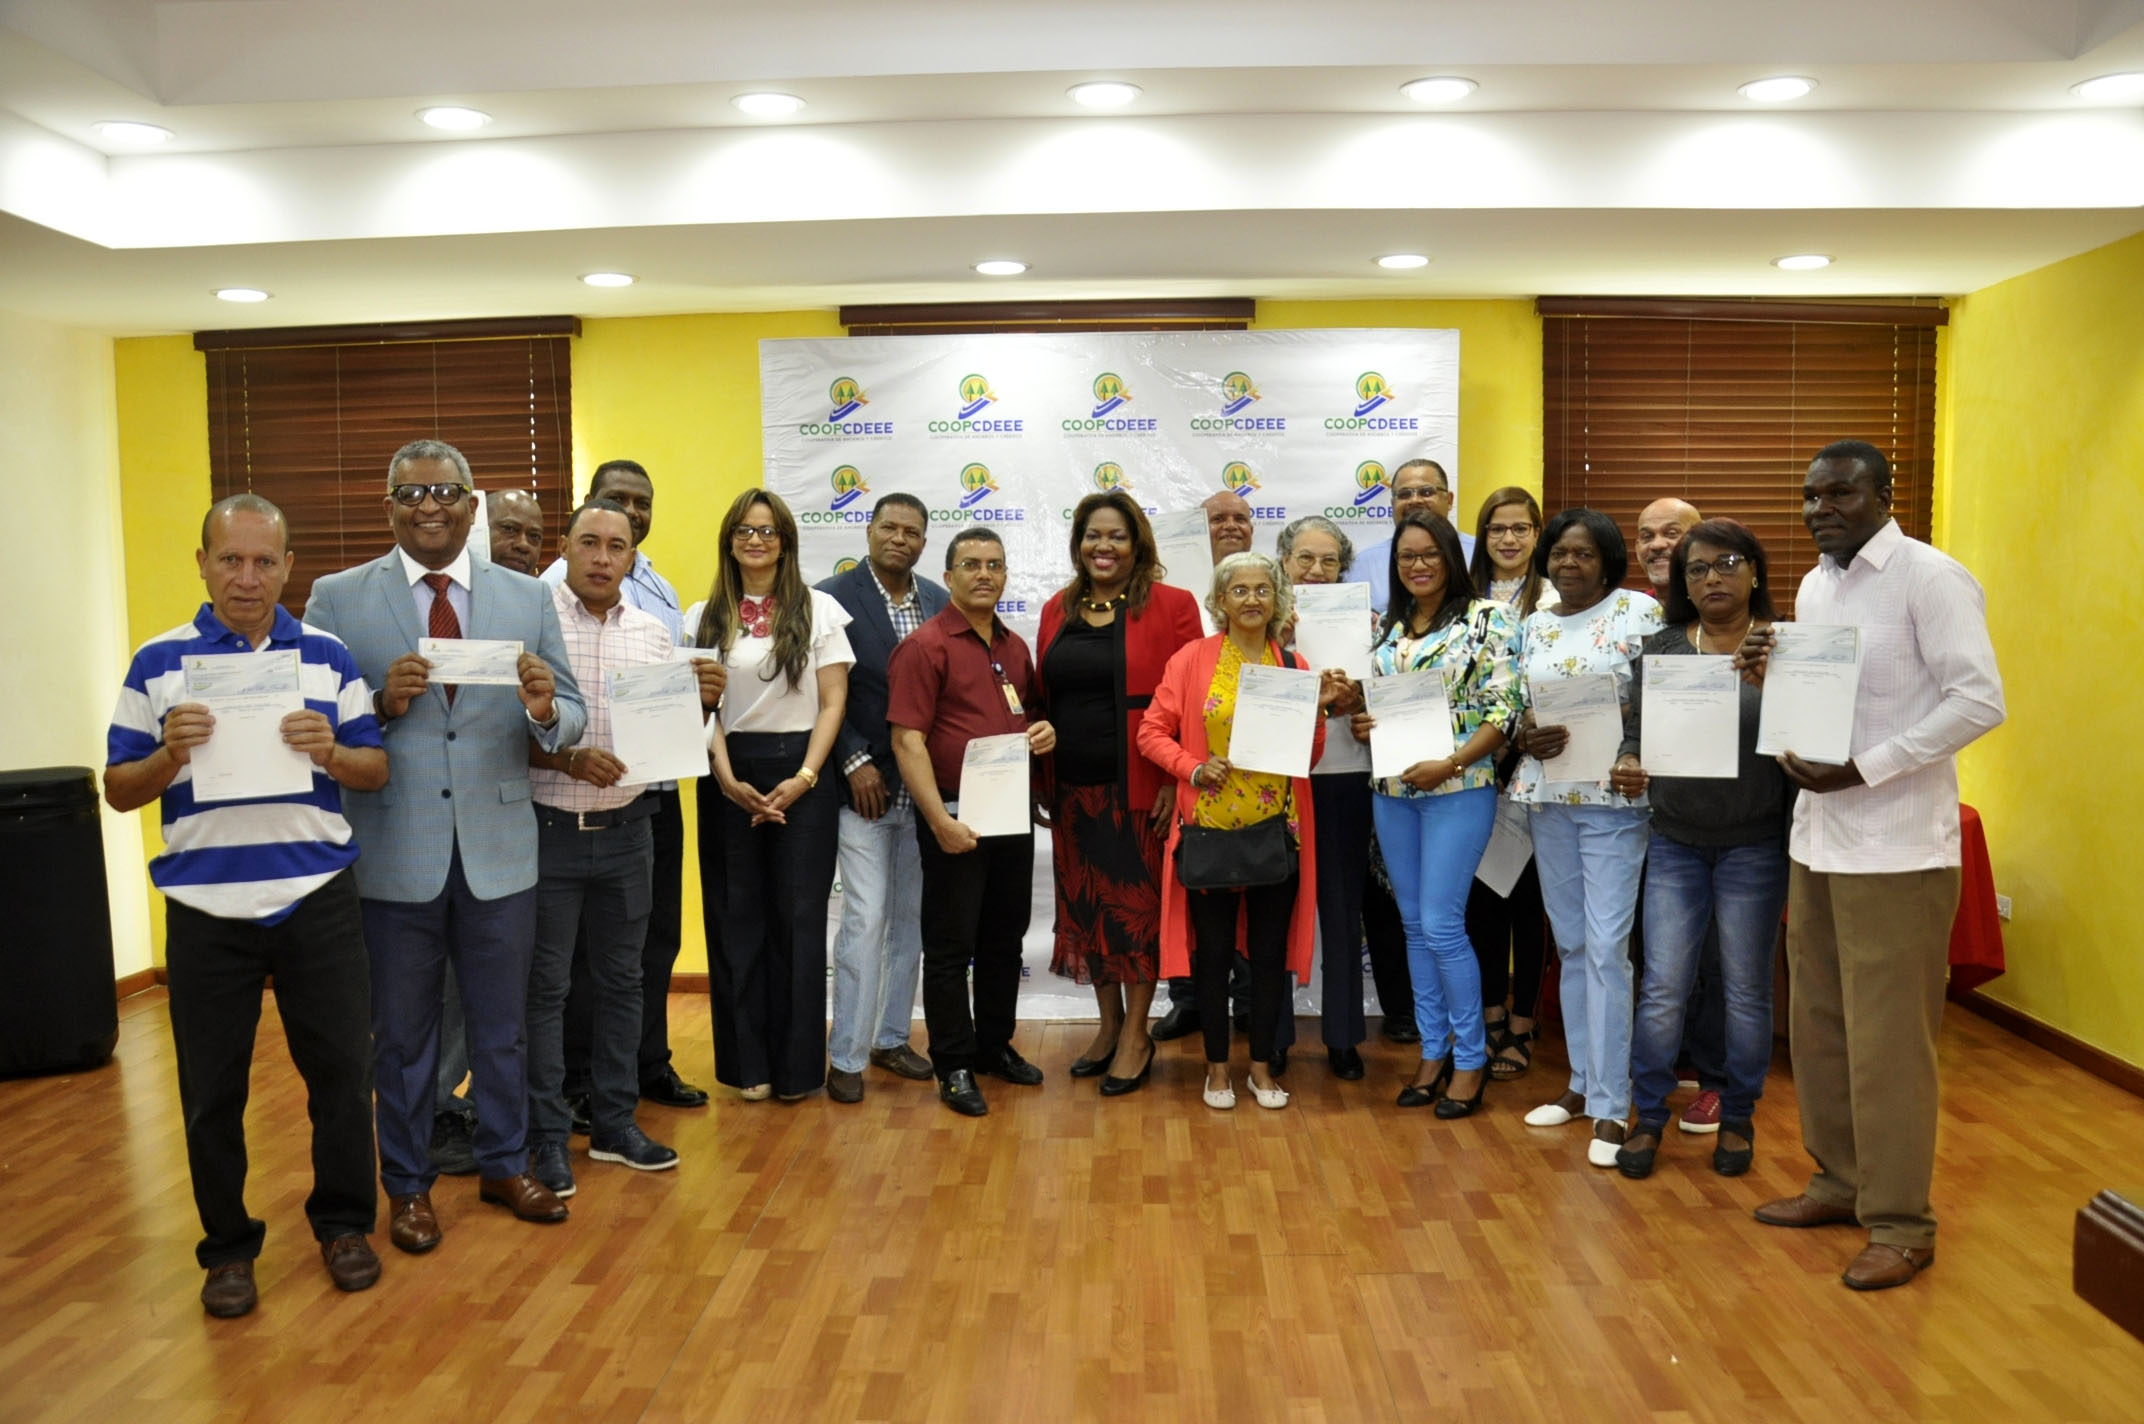 EGEHID entrega 20 premios a colaboradores ganadores del sorteo por el sexto Aniversario de la COOPCDEEE